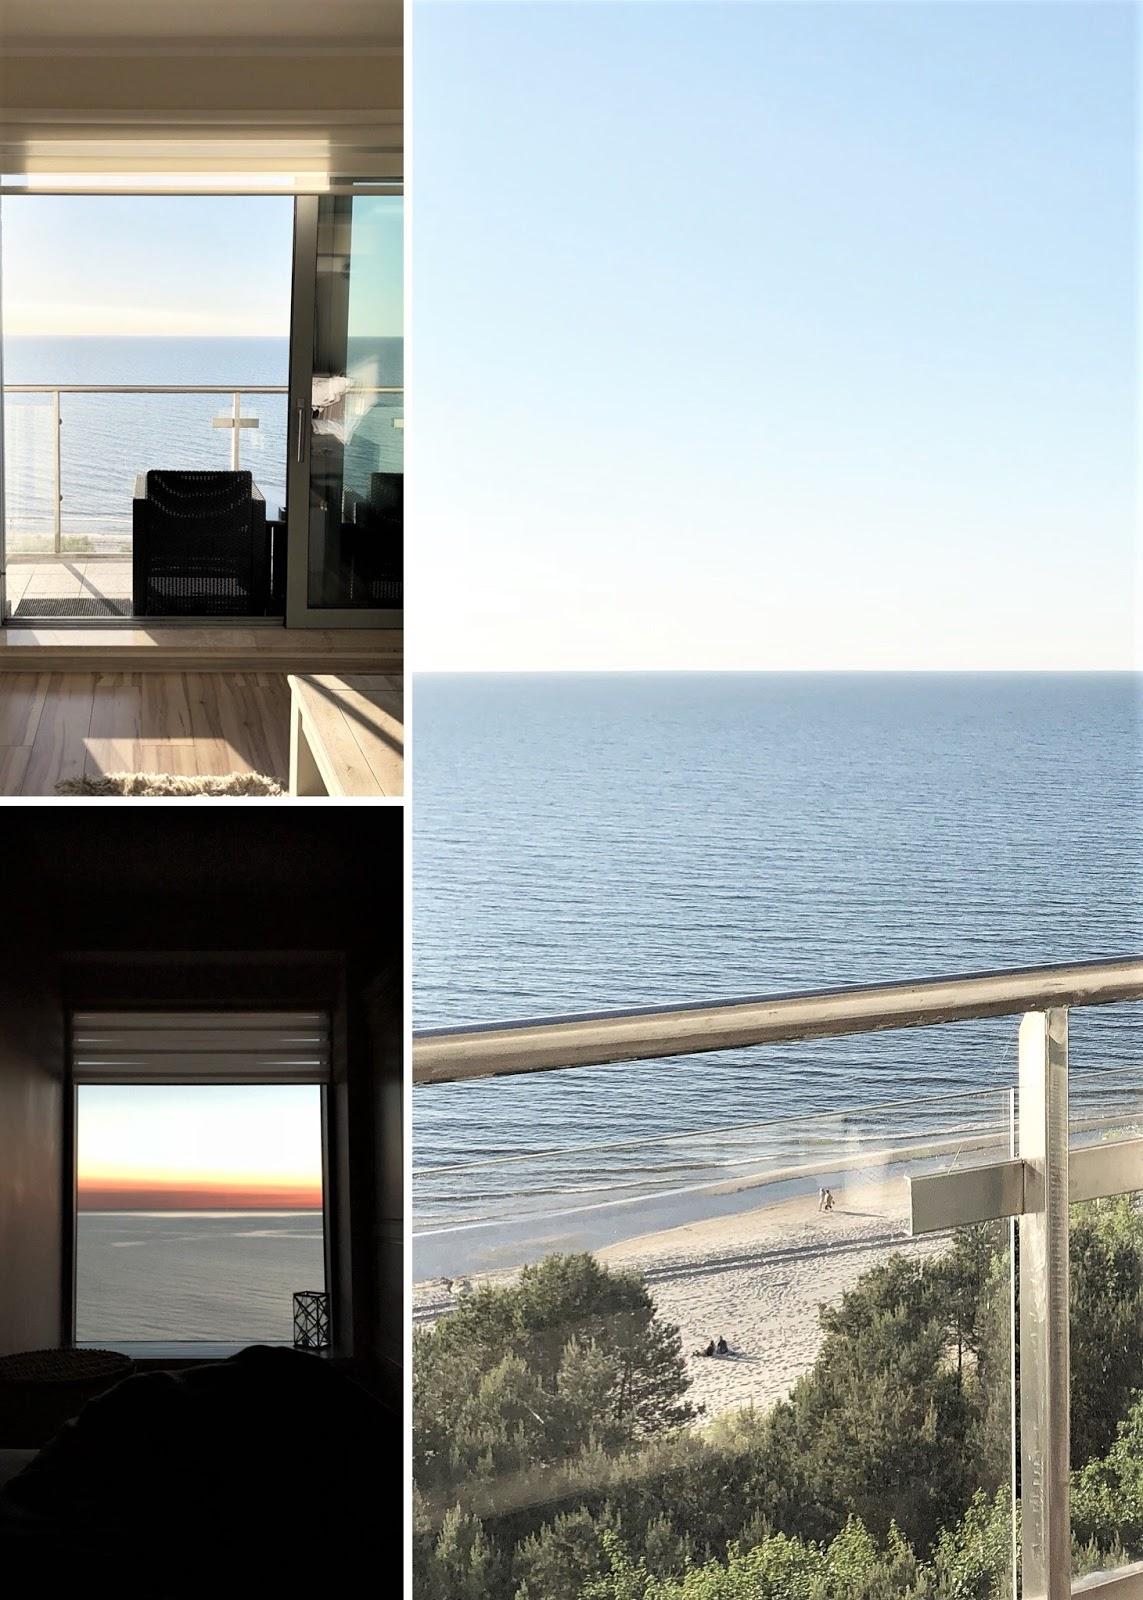 3 noclegi z widokiem na morze